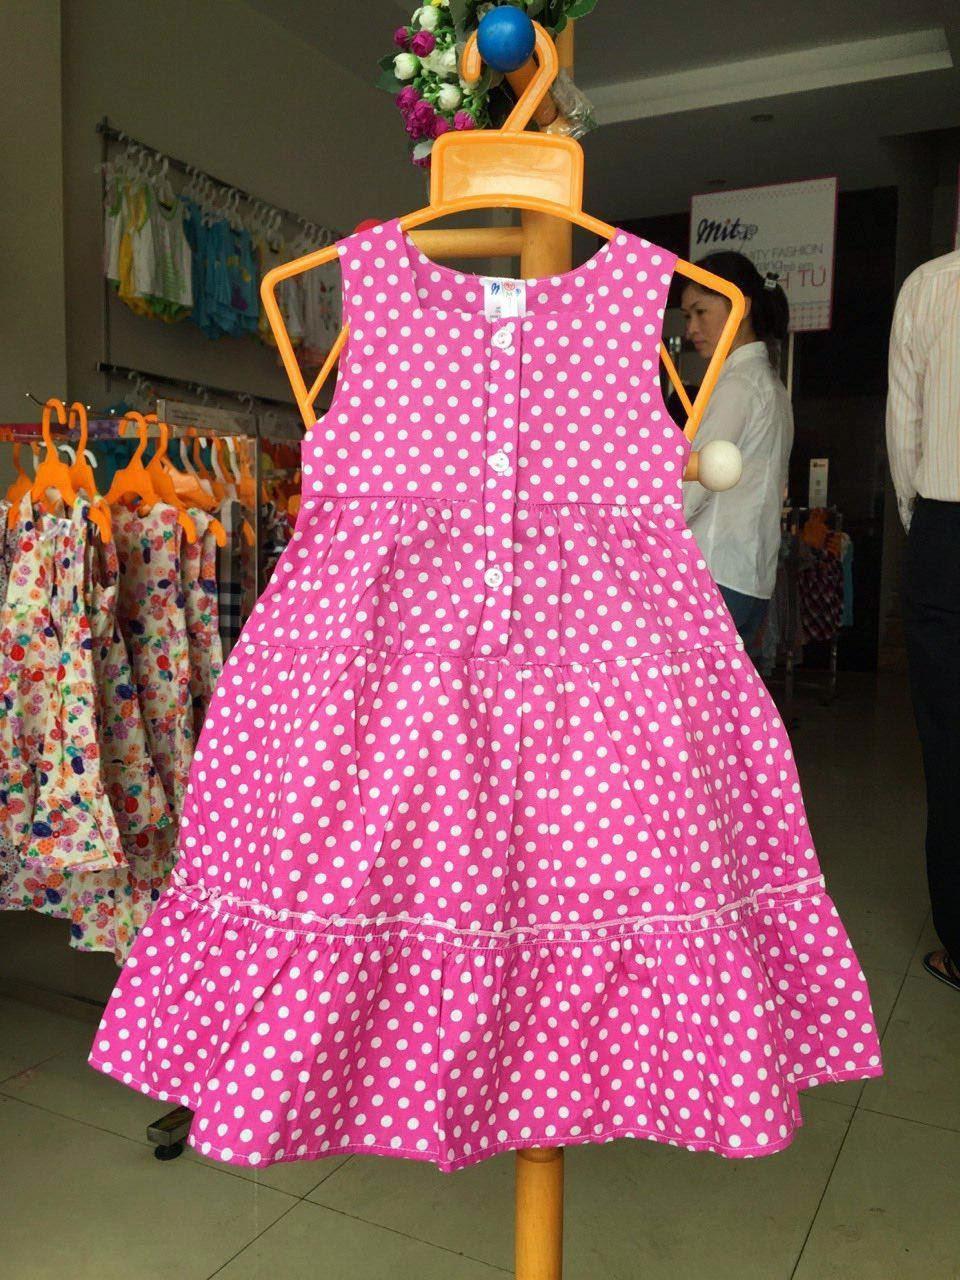 [Chia sẻ]-Chuyên bán buôn quần áo trẻ em rẻ, đẹp - LH: 0932358189 - Hương 11064023_1429077527390911_1742508517_o